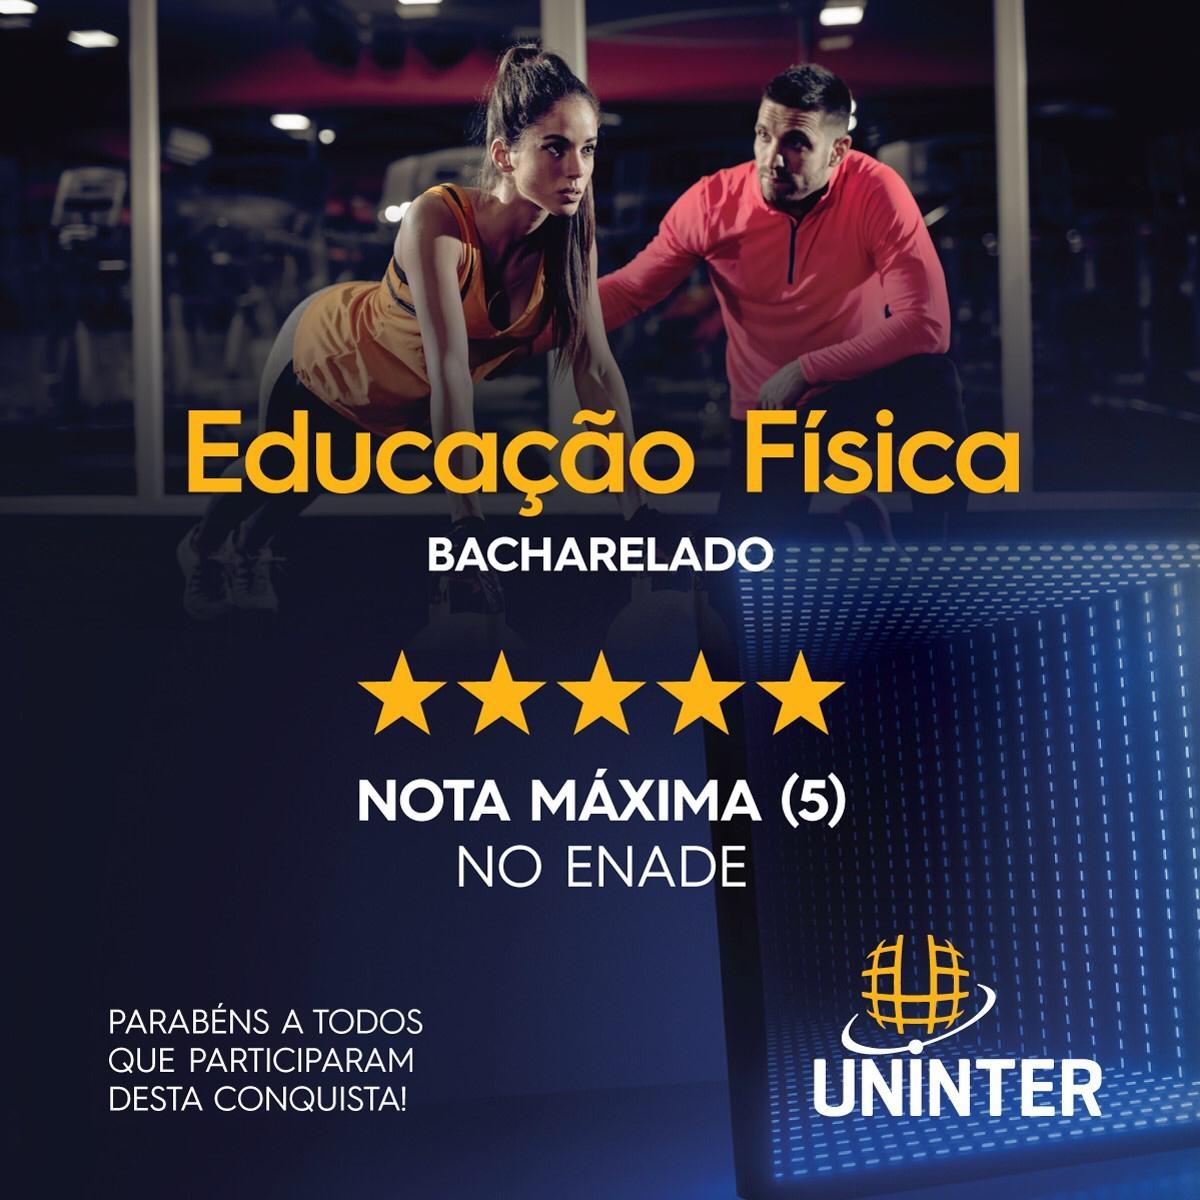 UNINTER EDUCAÇÃO FÍSICA 28 OUTUBRO 2020